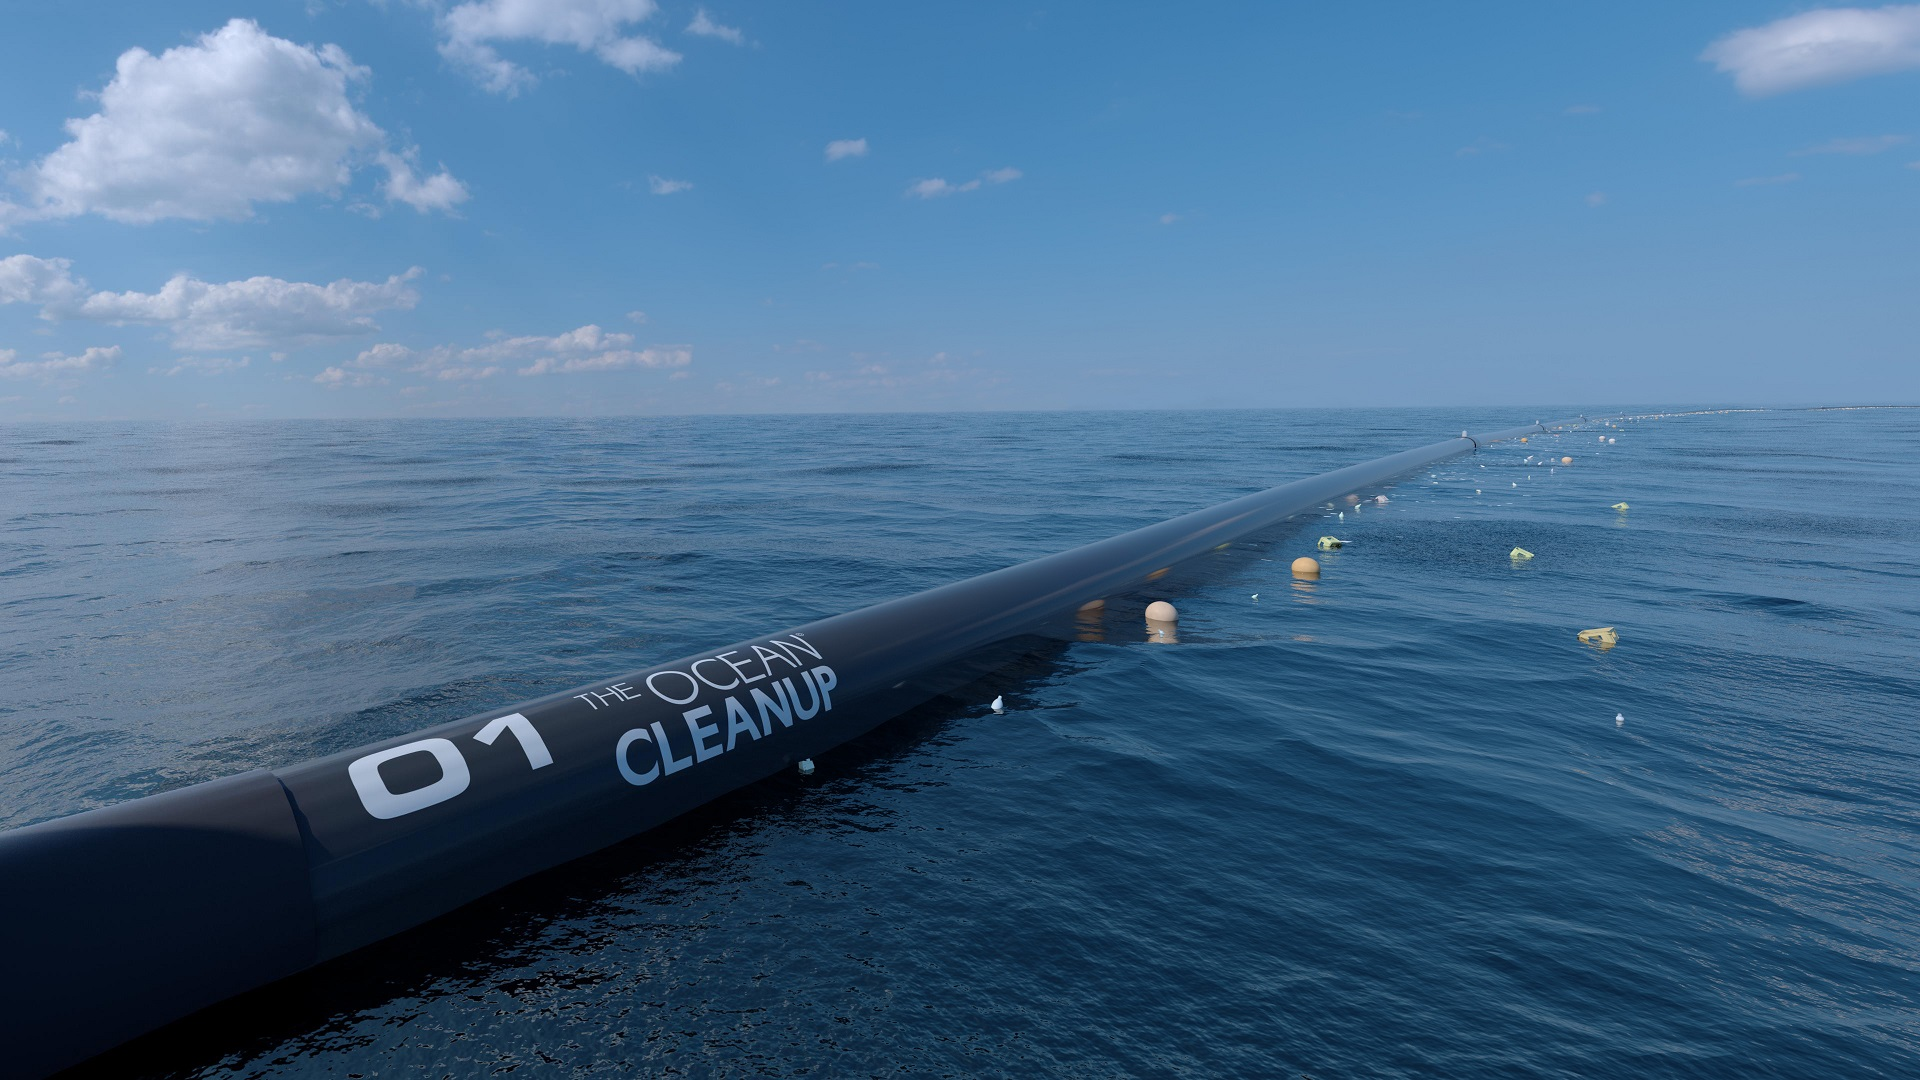 Segundo round de la batalla contra el plástico que libra The Ocean CleanUp